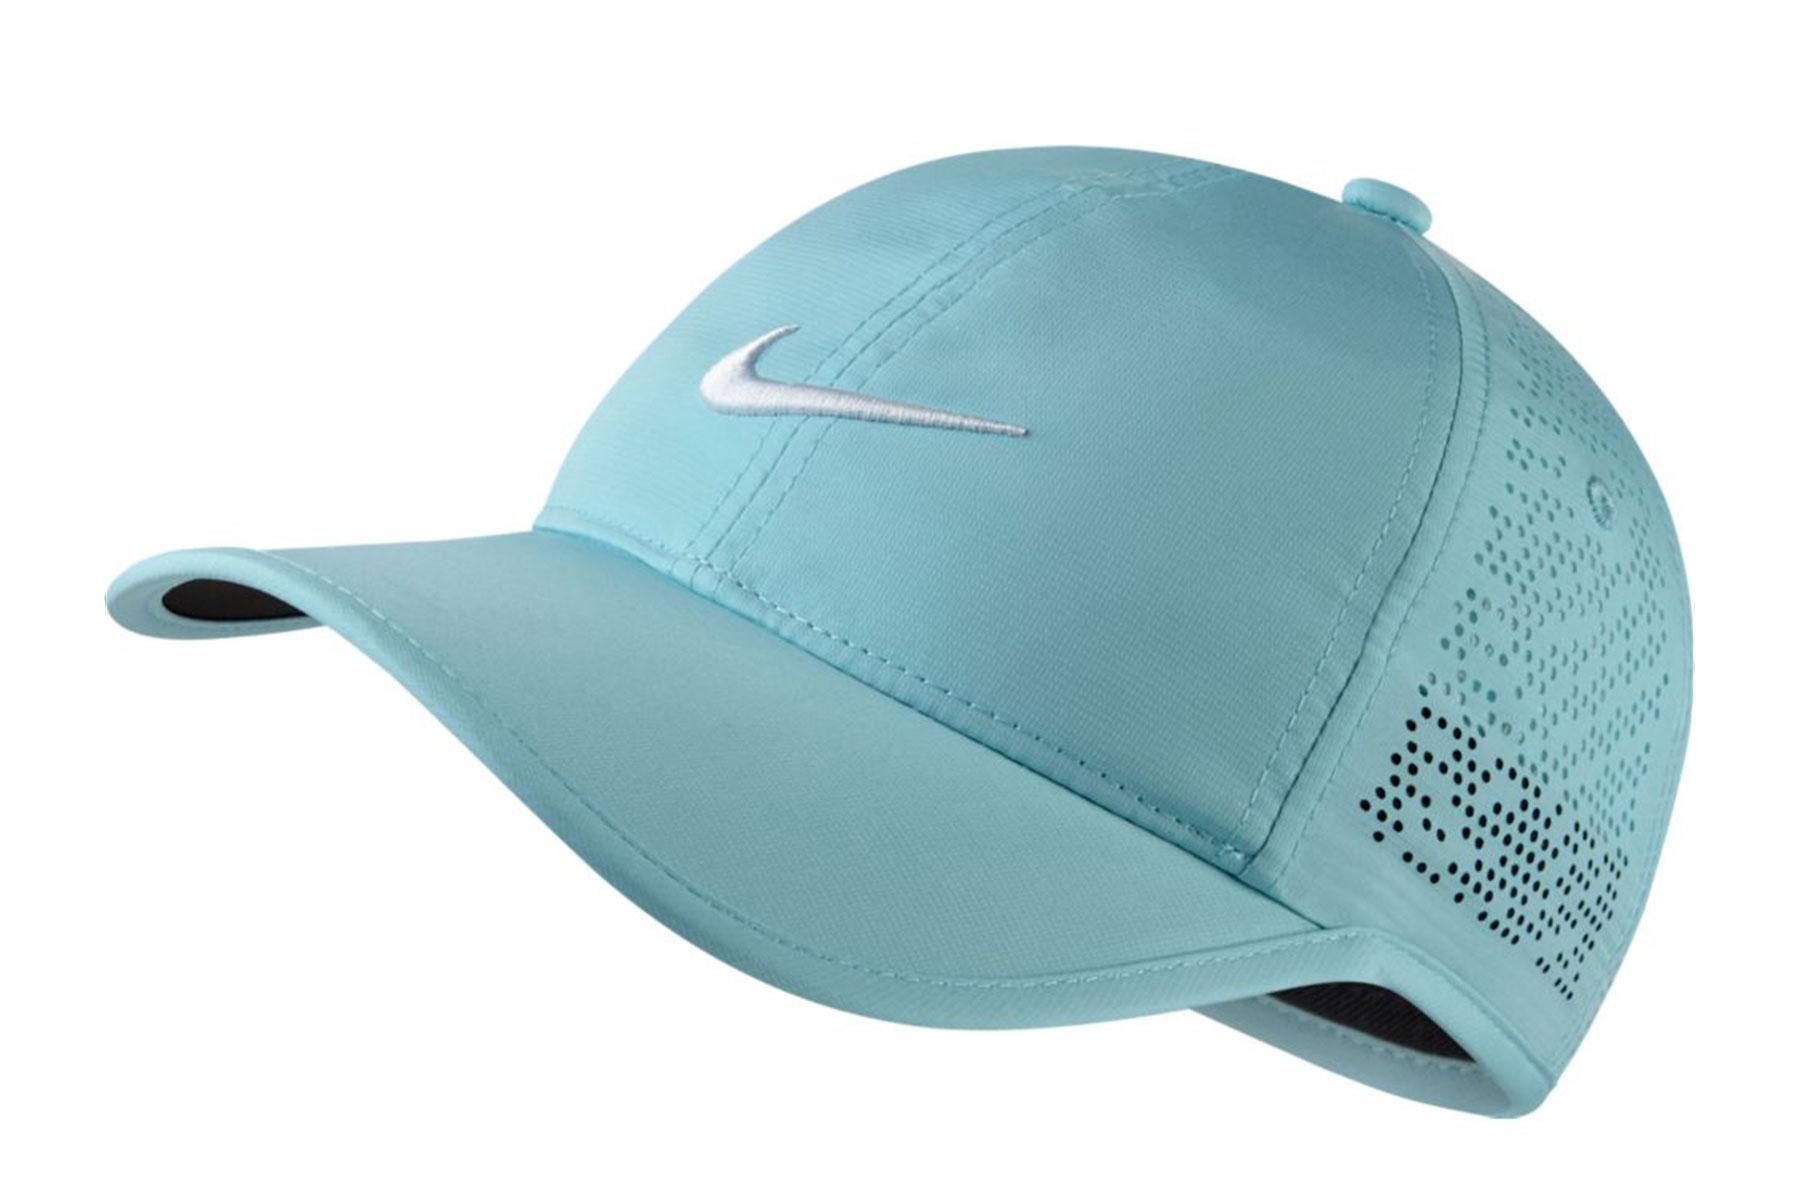 Nike Dri Fit Tour Perforated Cap